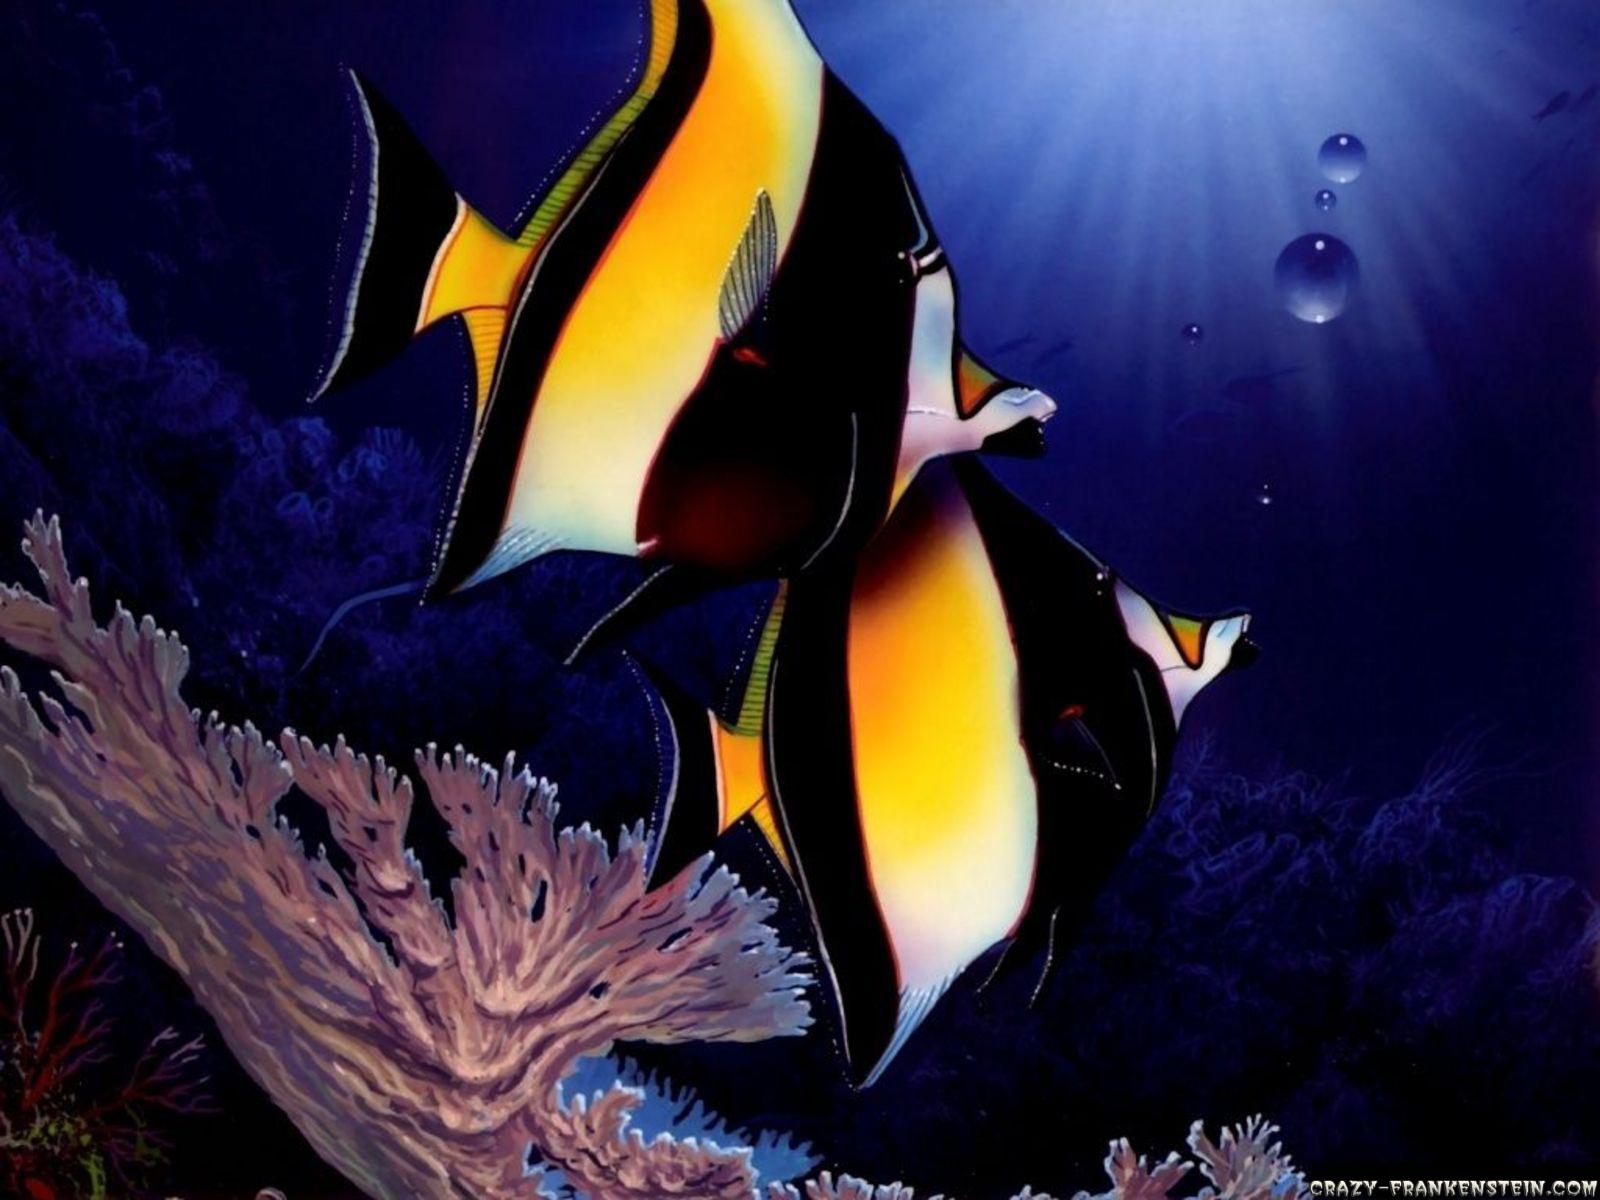 http://3.bp.blogspot.com/-1n8kTDNb49M/TlajFVvk1II/AAAAAAAACho/oYuCNLLI7Ks/s1600/Fish+wallpaper1.jpg